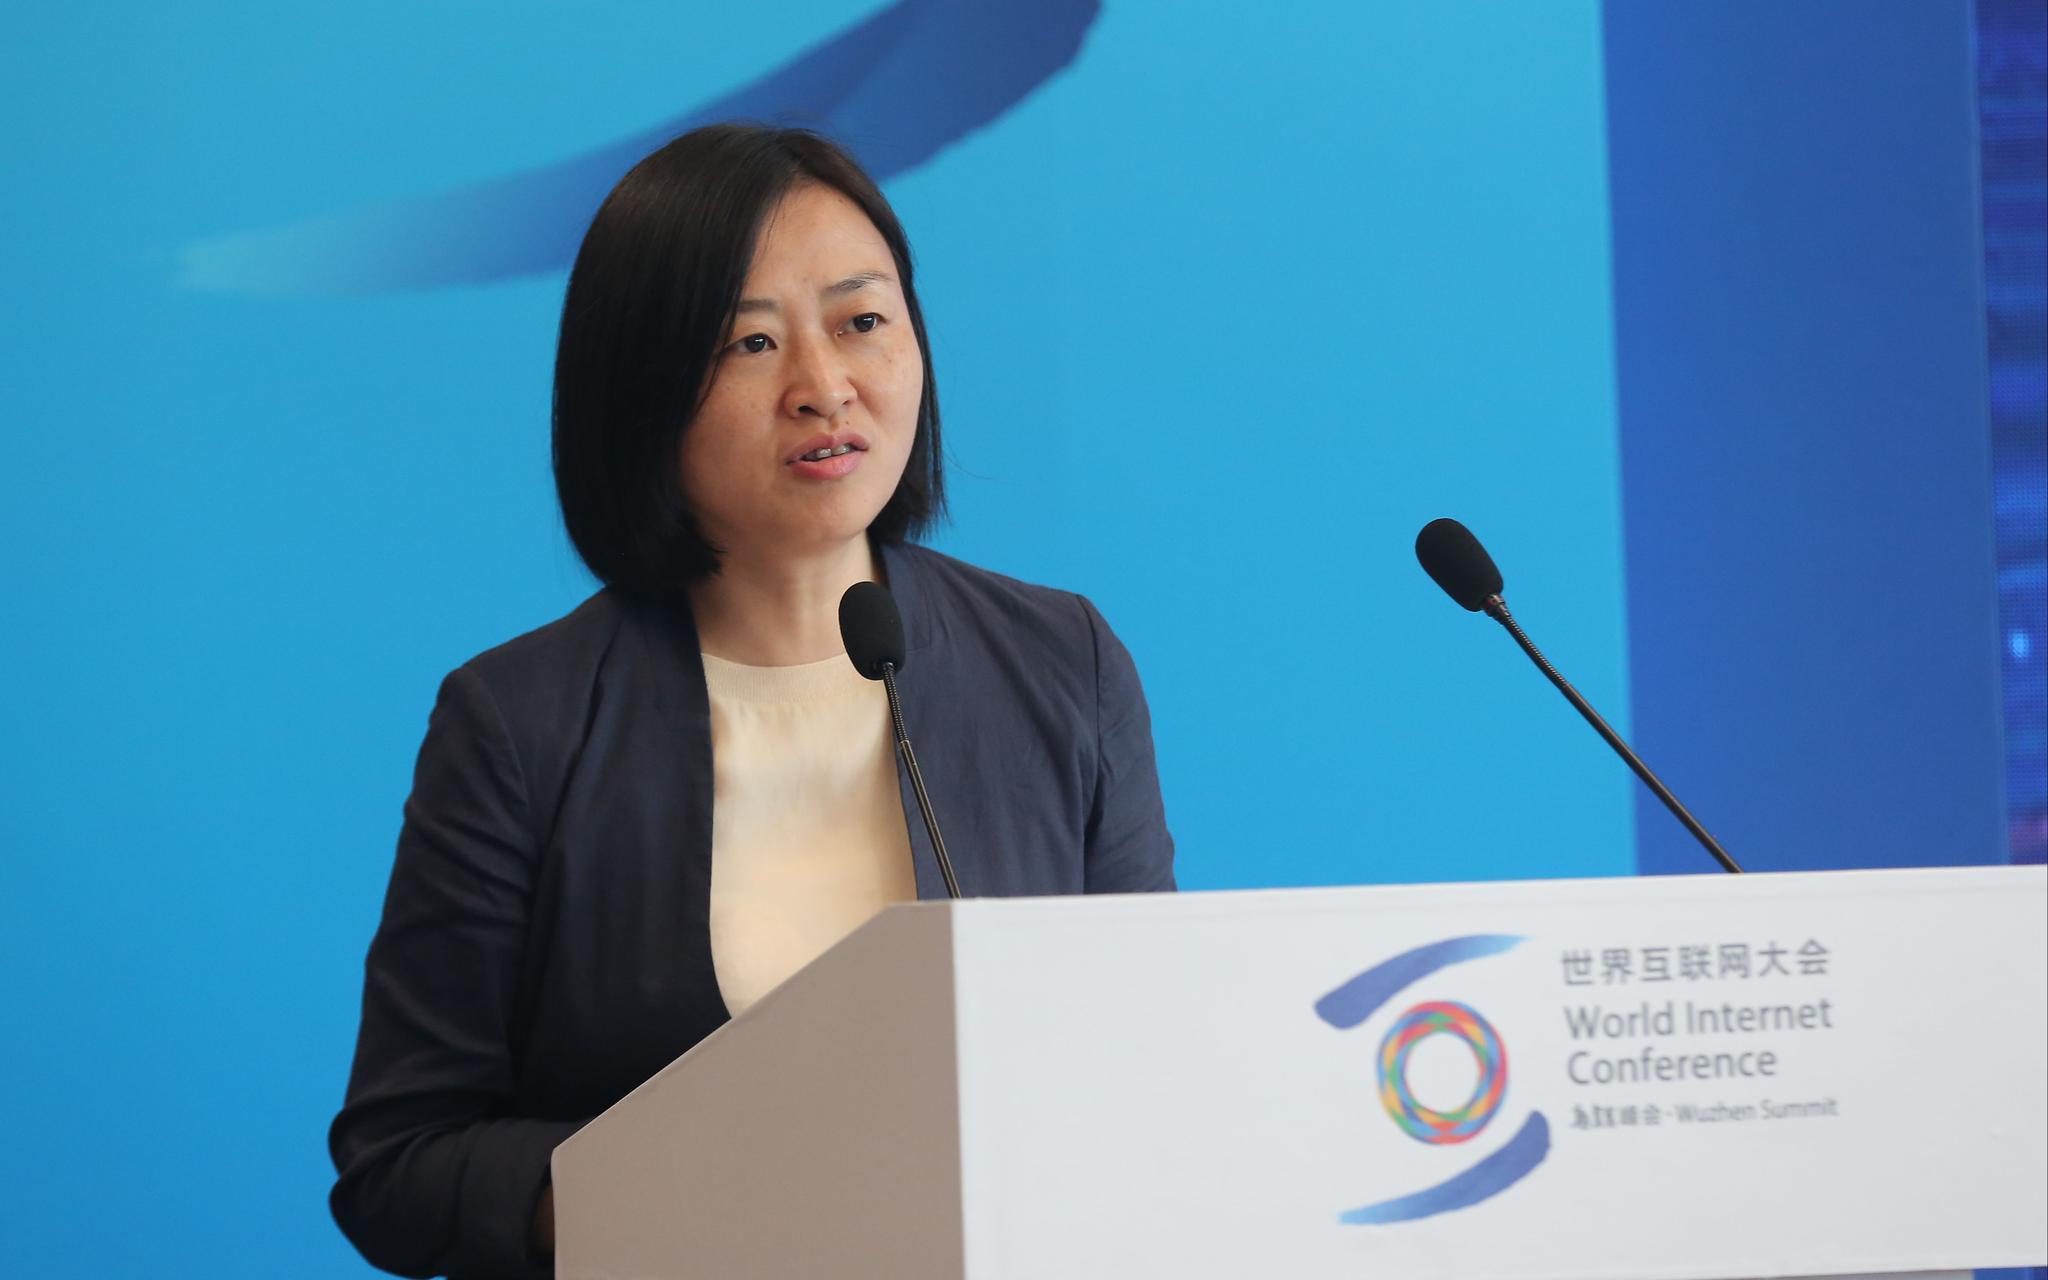 阿里巴巴副总裁俞思瑛:算法创新